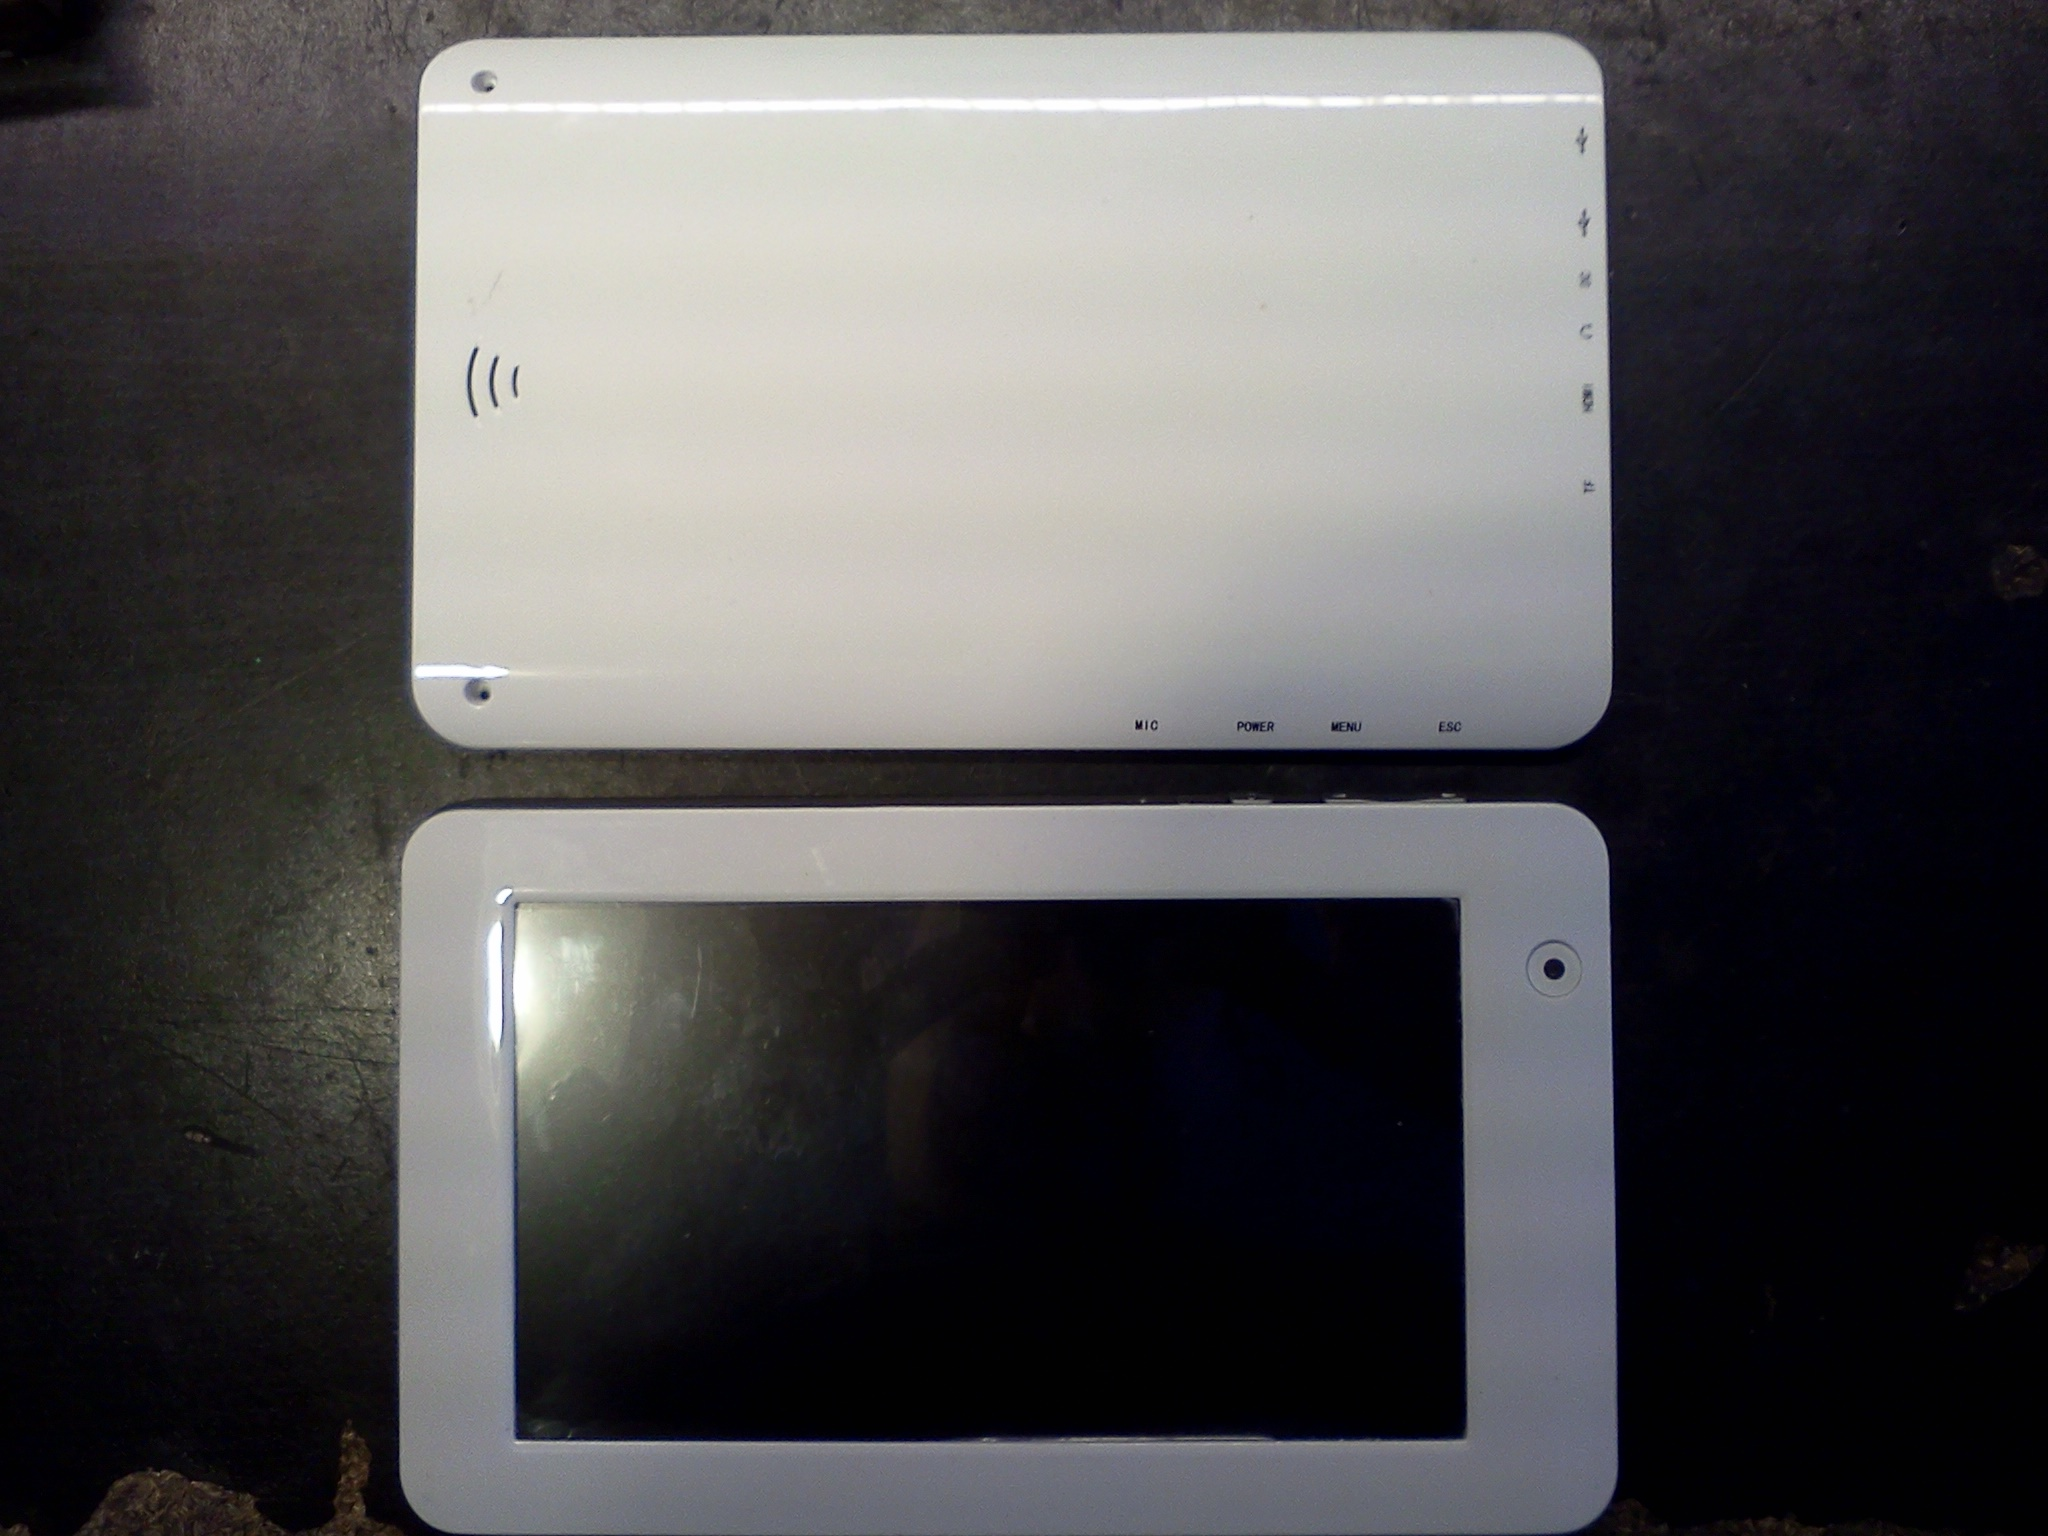 NoName - Bia�y tablet - pro�ba o rozpoznanie co to takiego.